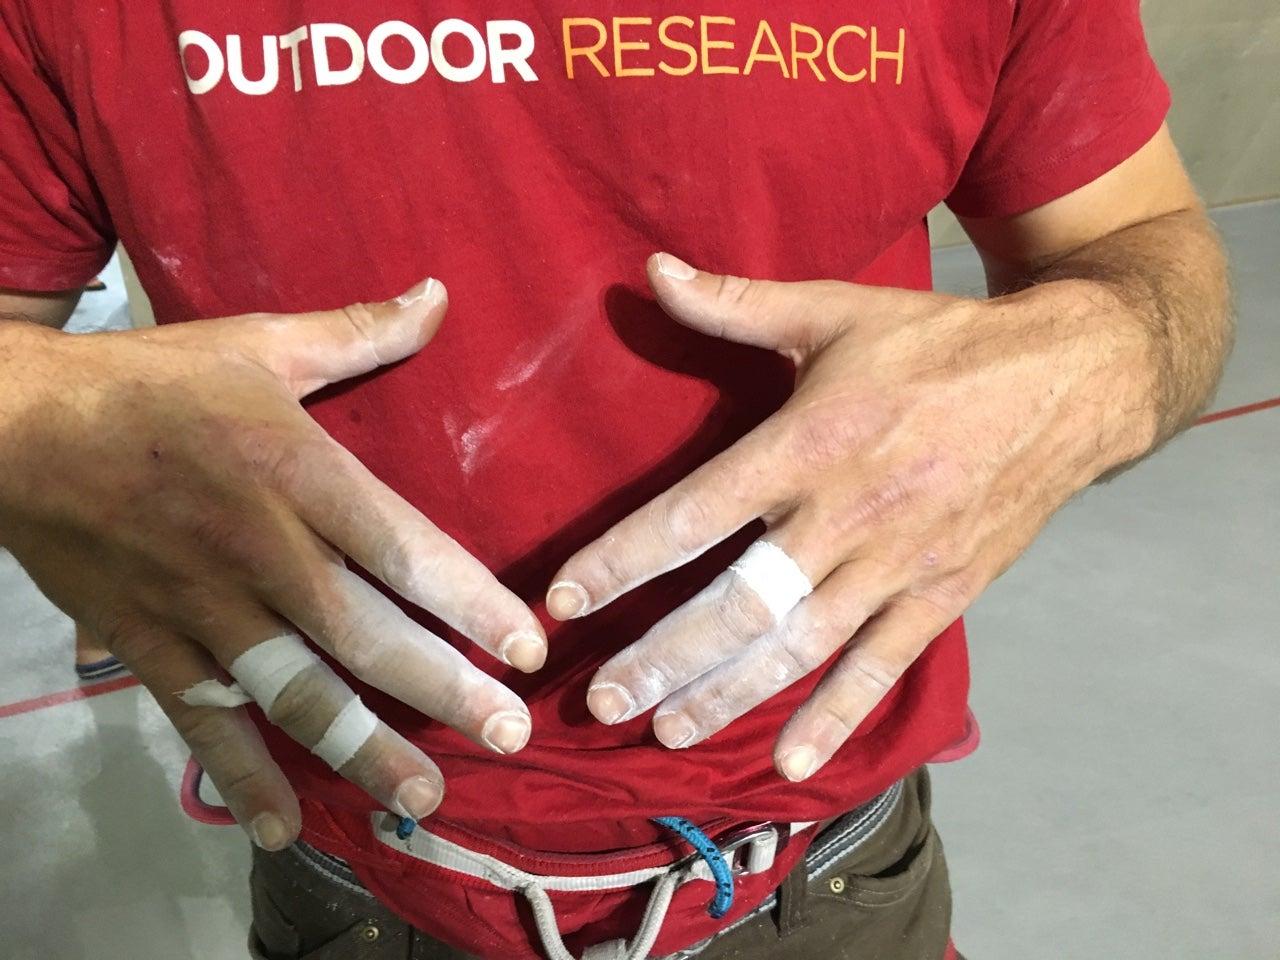 Finger Injury? Don't Sweat